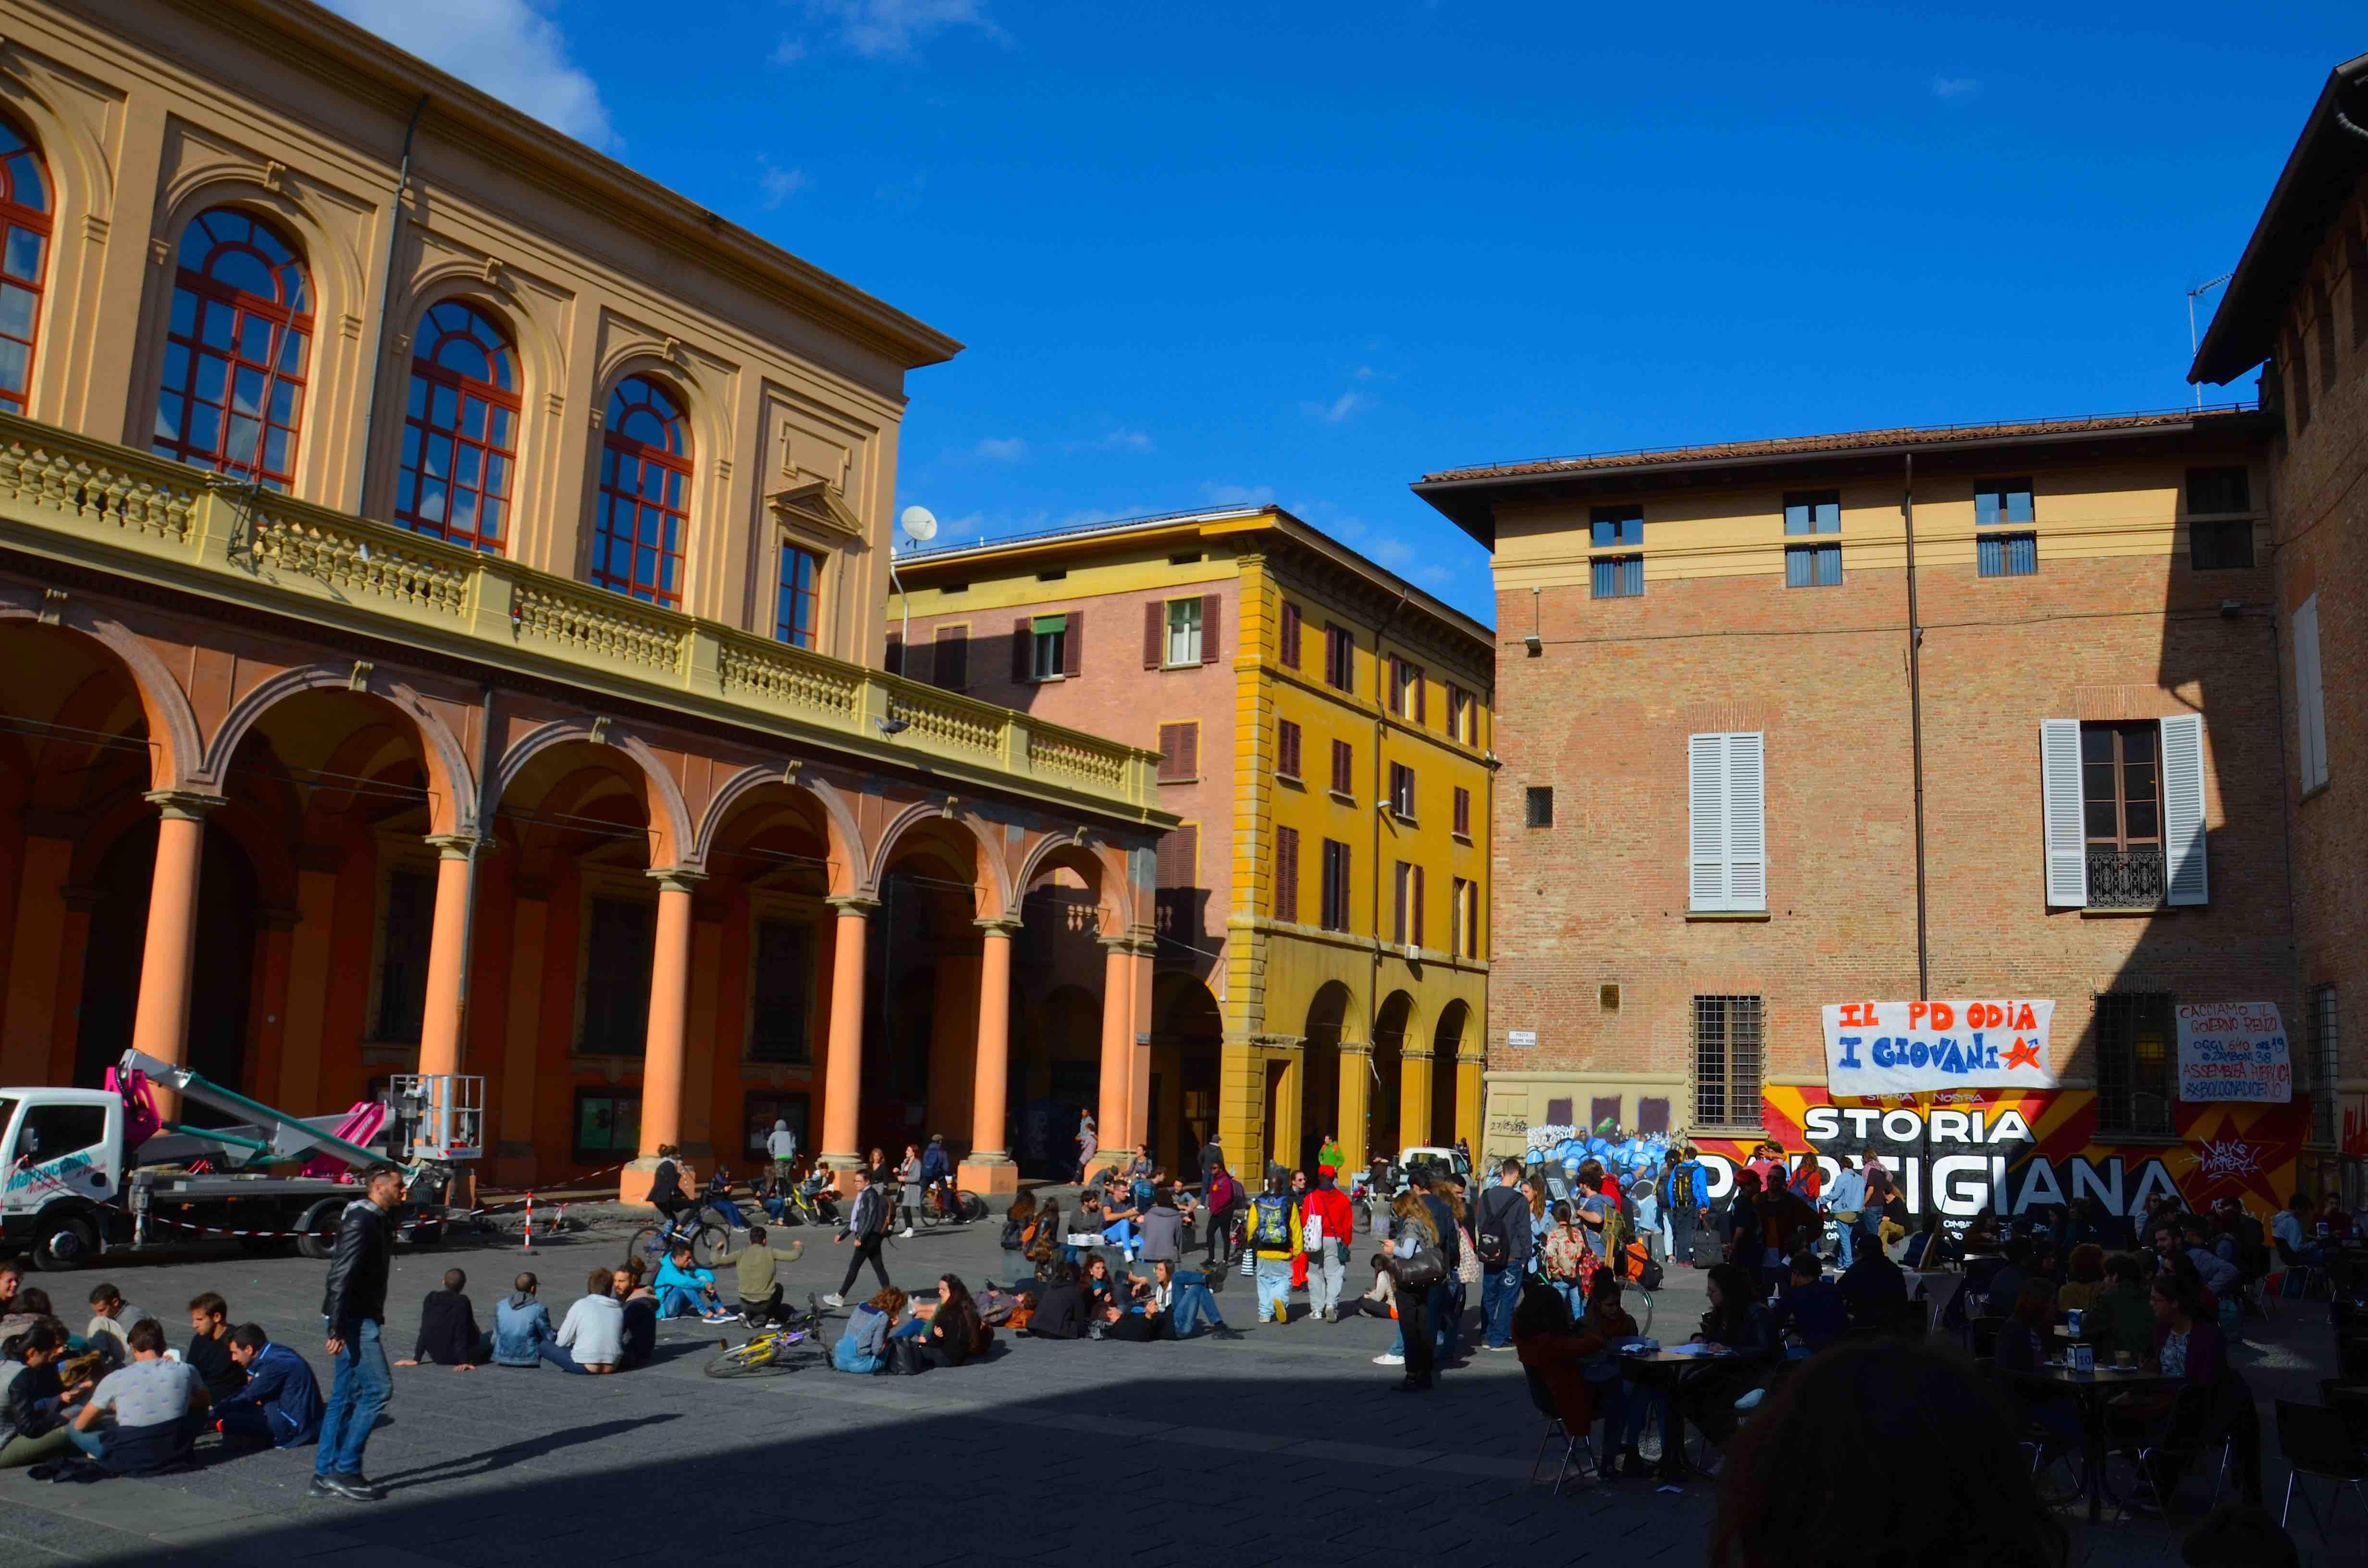 Coalizione Civica non parteciperà  alla passeggiata notturna della commissione affari istituzionali in piazza Verdi